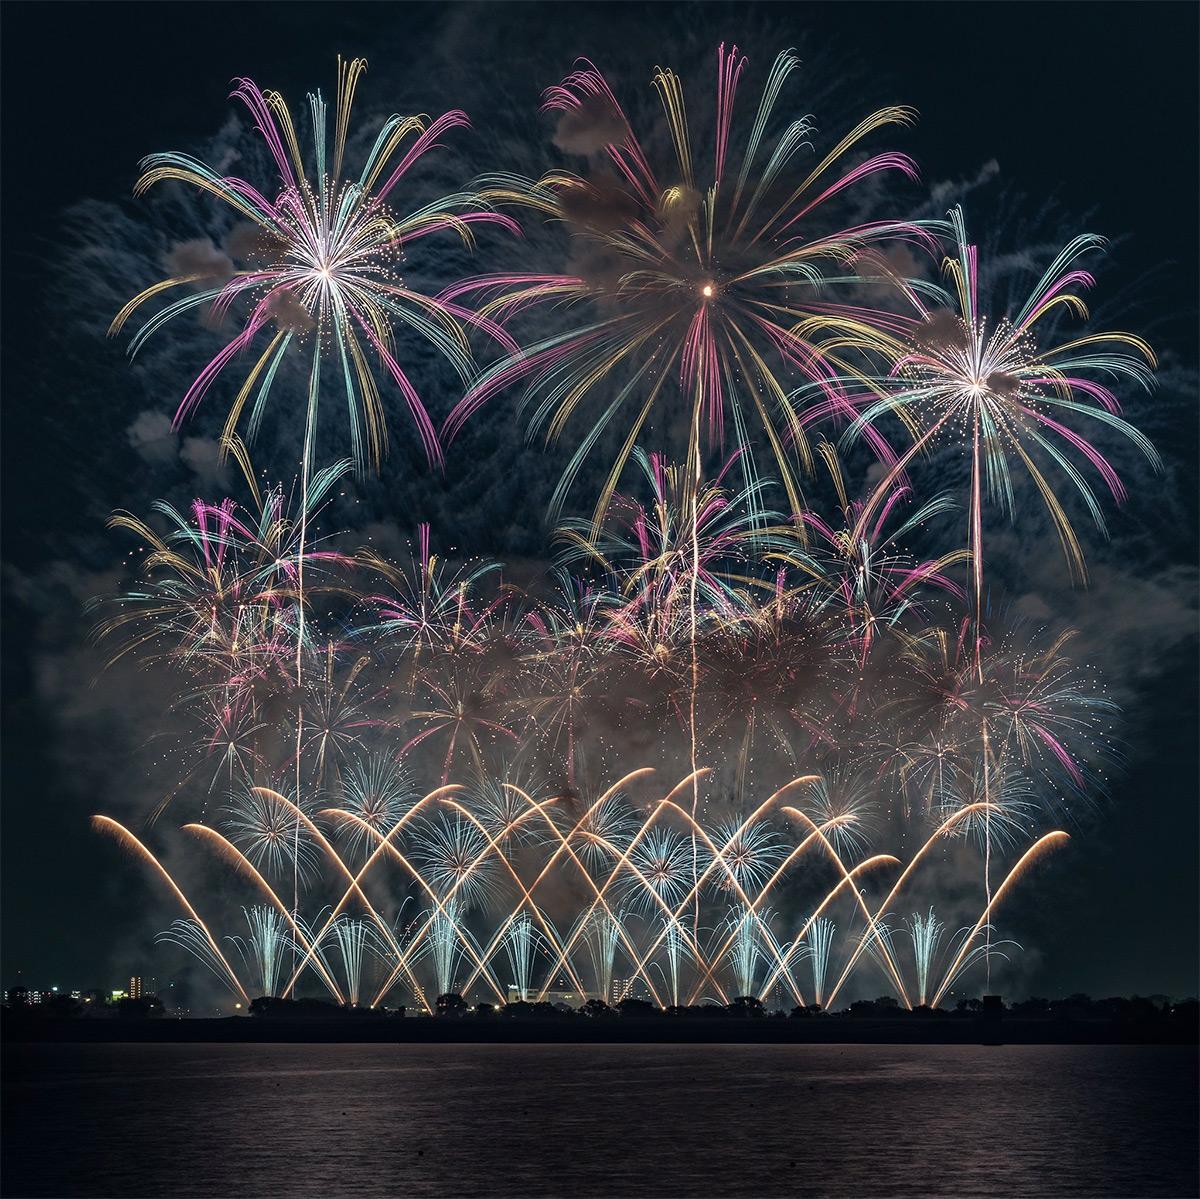 ფოიერვერკი, ფეიერვერკი, ფესტივალი, იაპონია, ქველი, ბლოგი, fireworks, feierverki, festival, japan, qwelly, blog, ilura